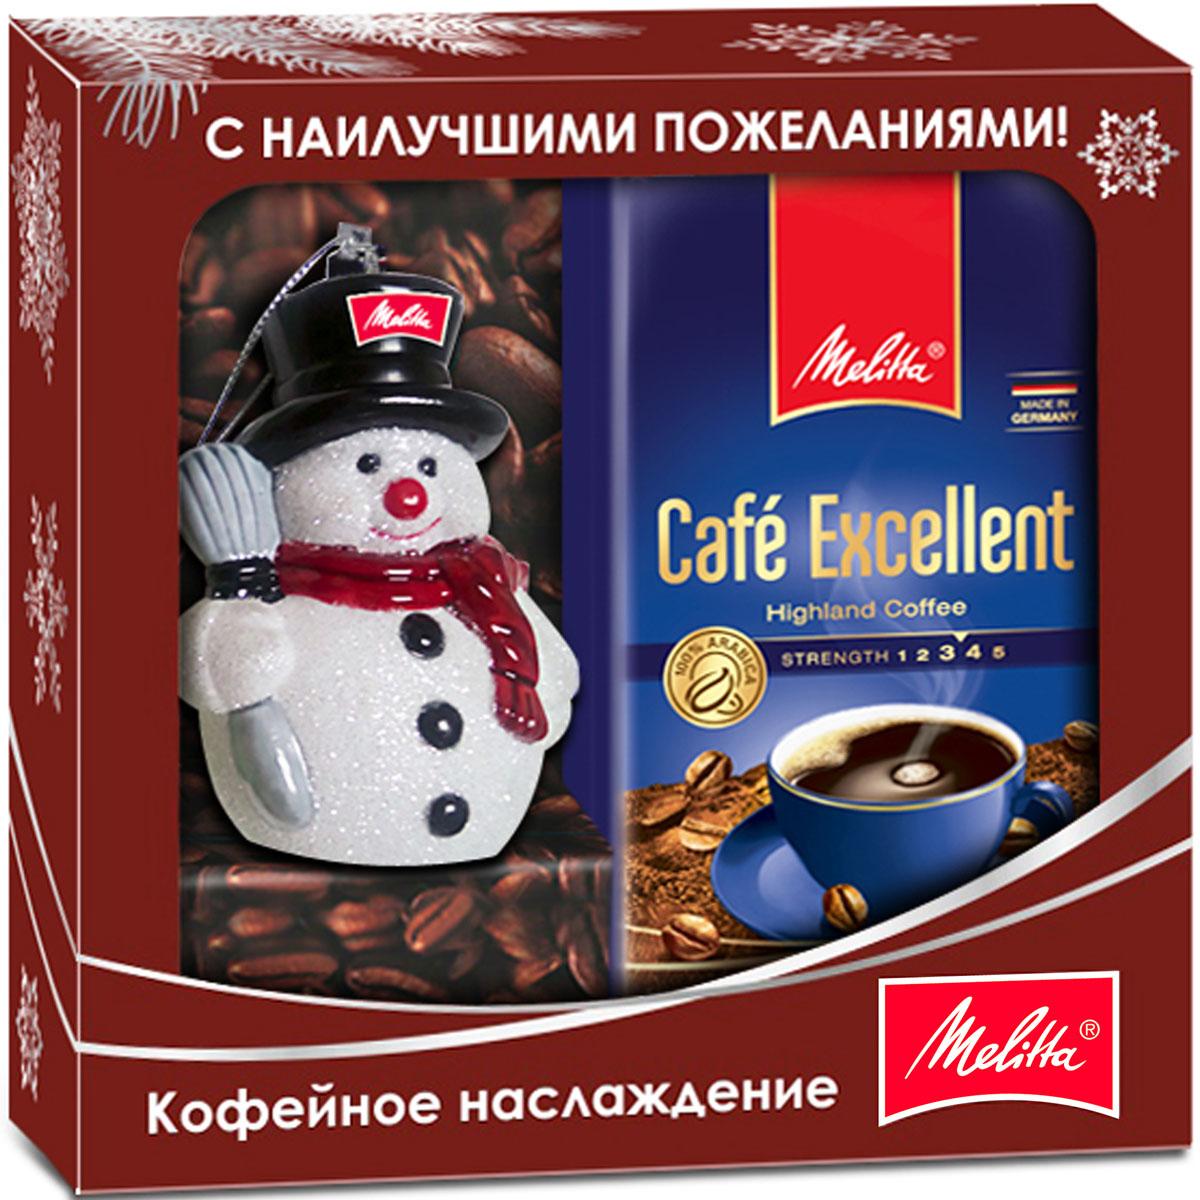 Melitta кофе Excellent, молотый, новогодняя игрушка в подарок, 250 г melitta кофе bellacrema espresso молотый со стеклянной сахарницей в подарок 250 г